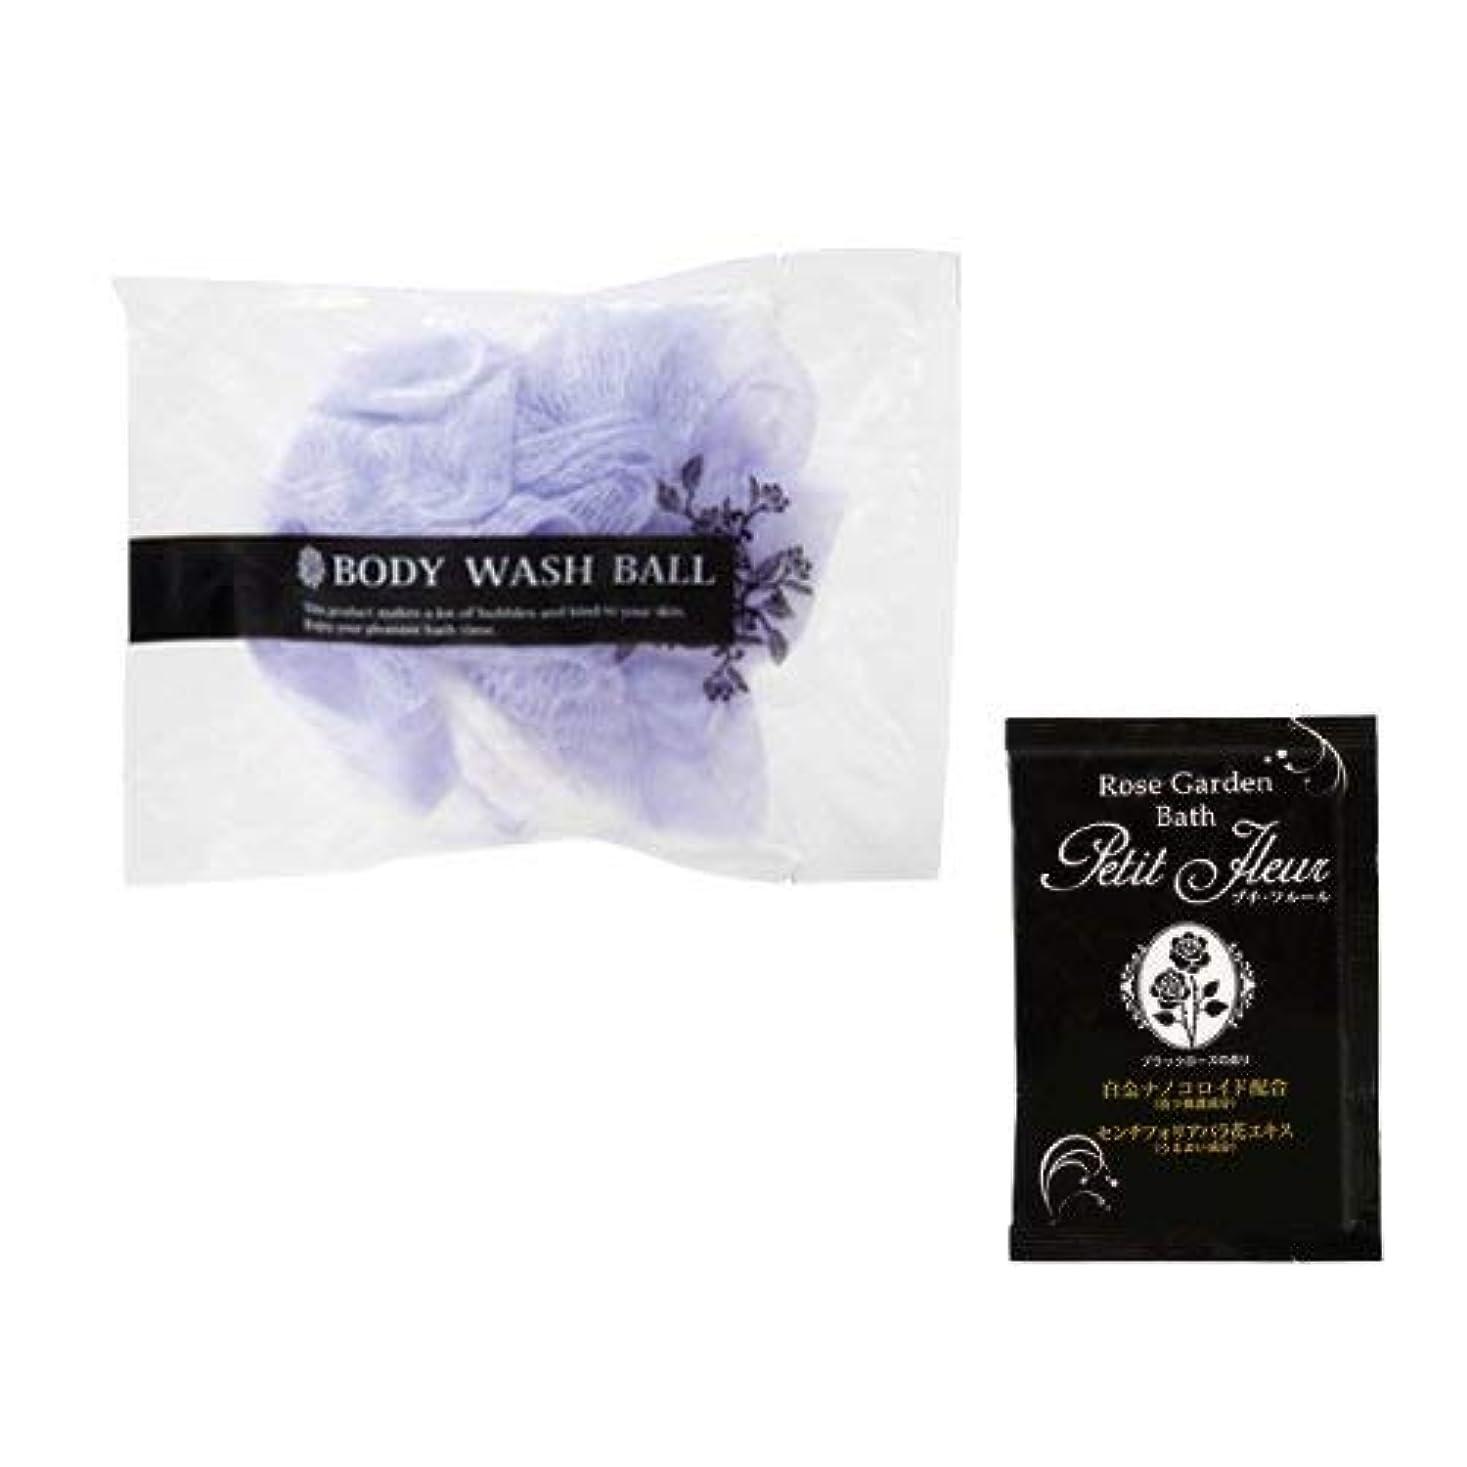 提出する機関天気ボディウォッシュボール 個包装 パープル + 入浴剤プチフルール(1回分) - BODY WASH BALL